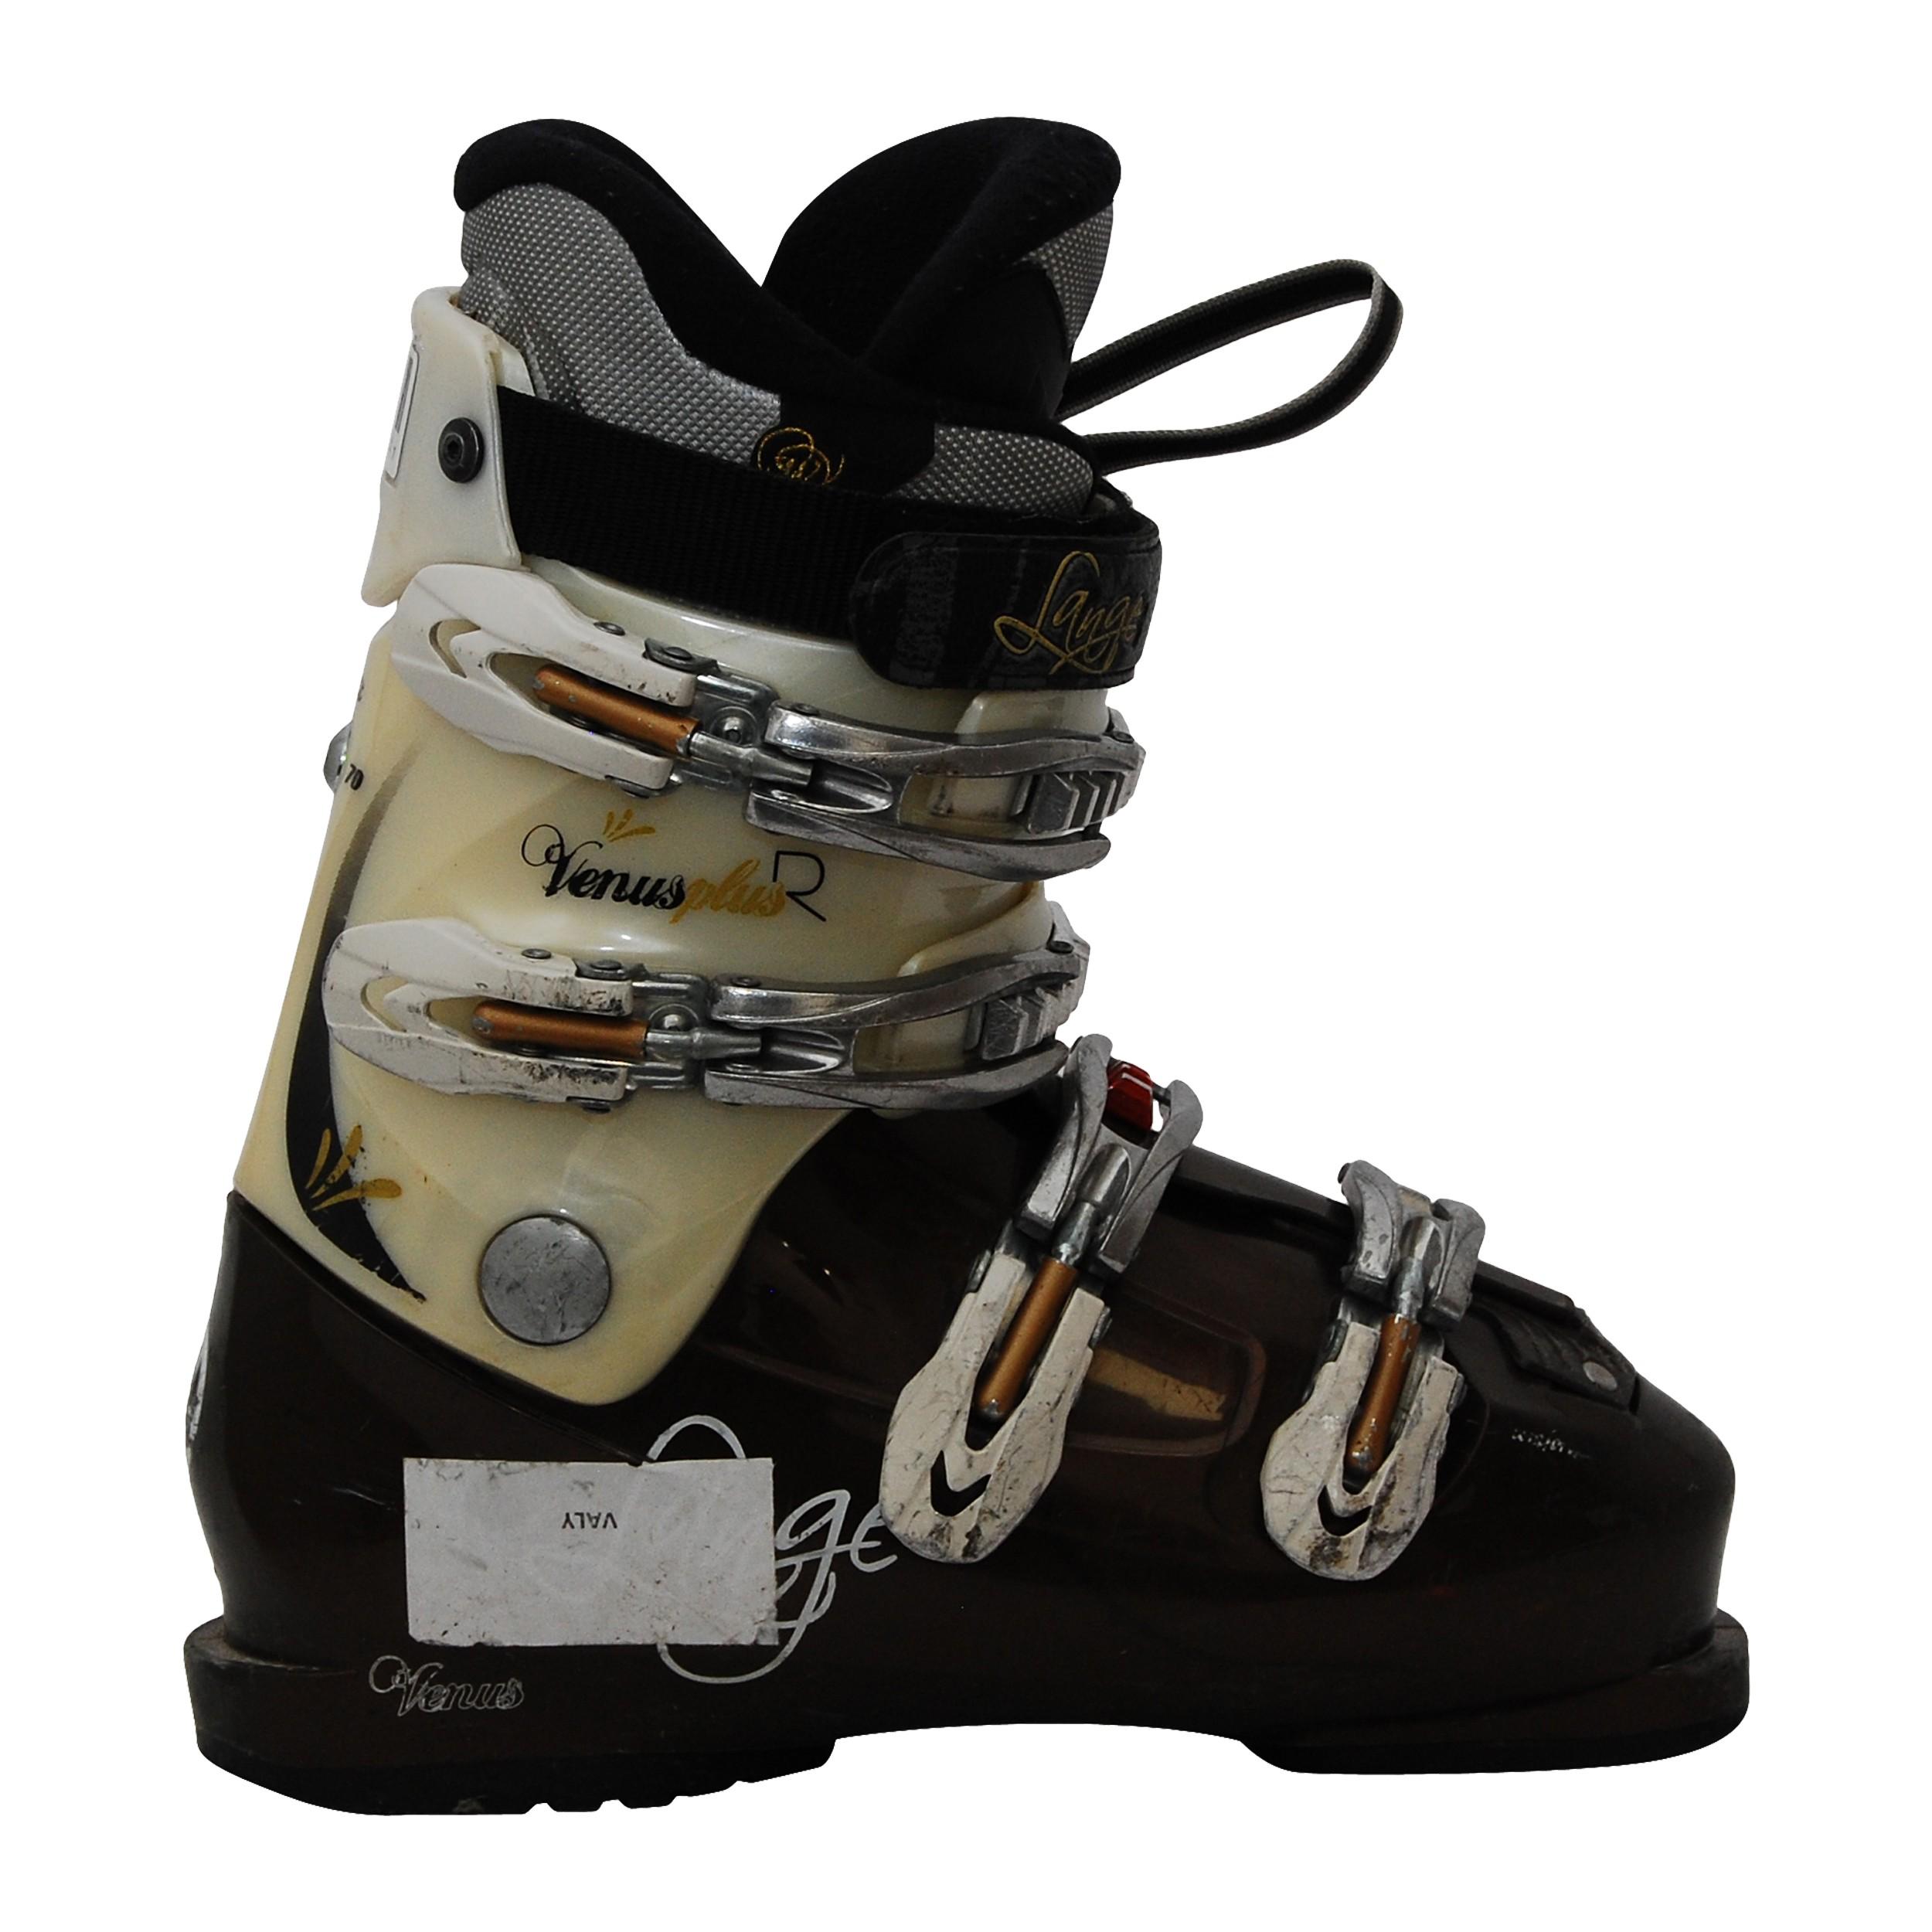 Chaussure de Ski Occasion femme Lange Venus Plus R blancmarron